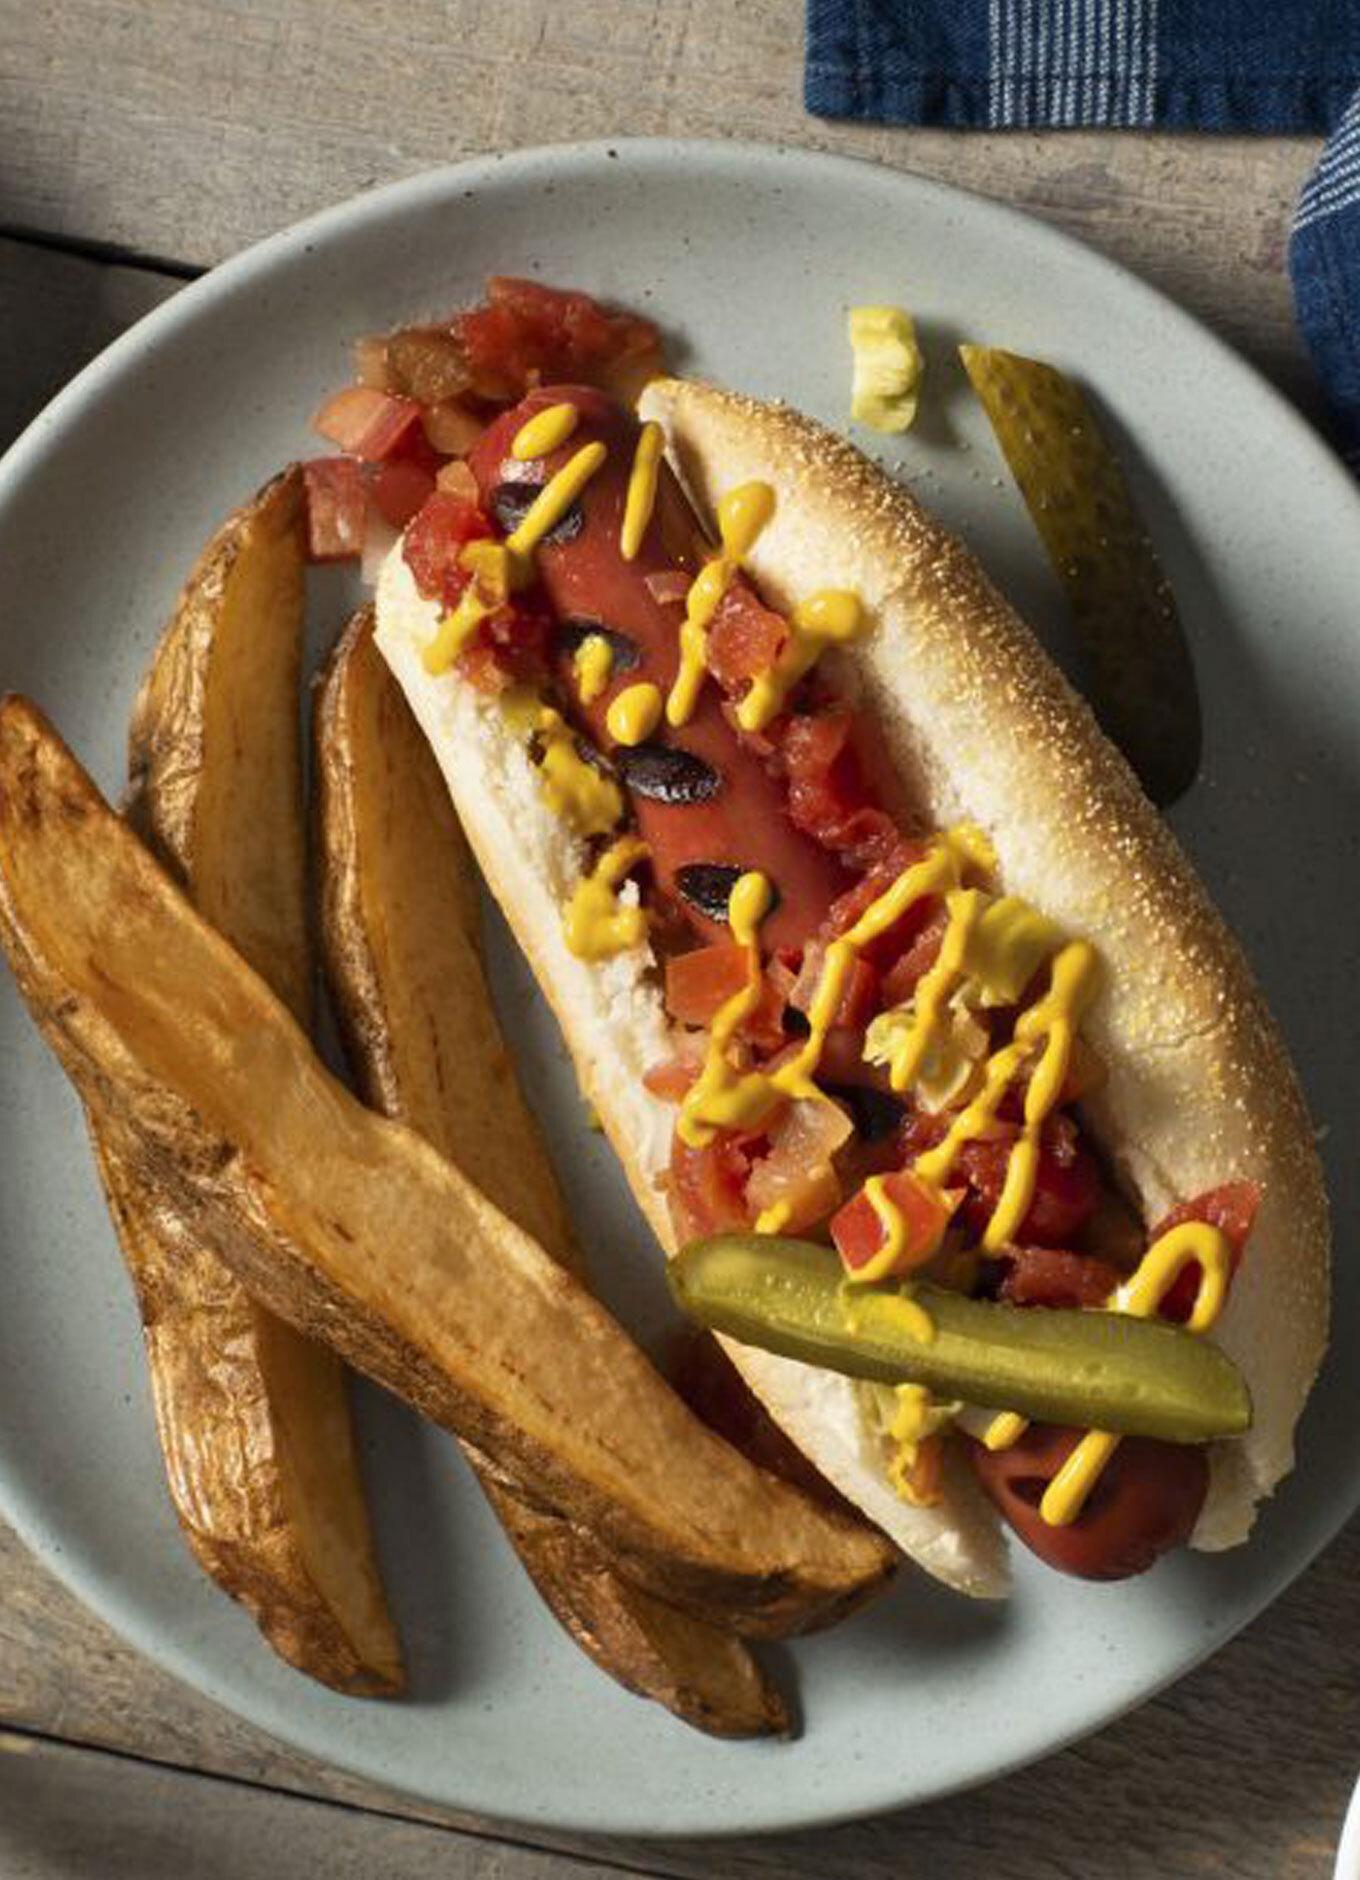 Une saucisse dans un pain grillé, garnie de moutarde, de tomate et d'oignons sautés, avec des quartiers de pomme de terre.